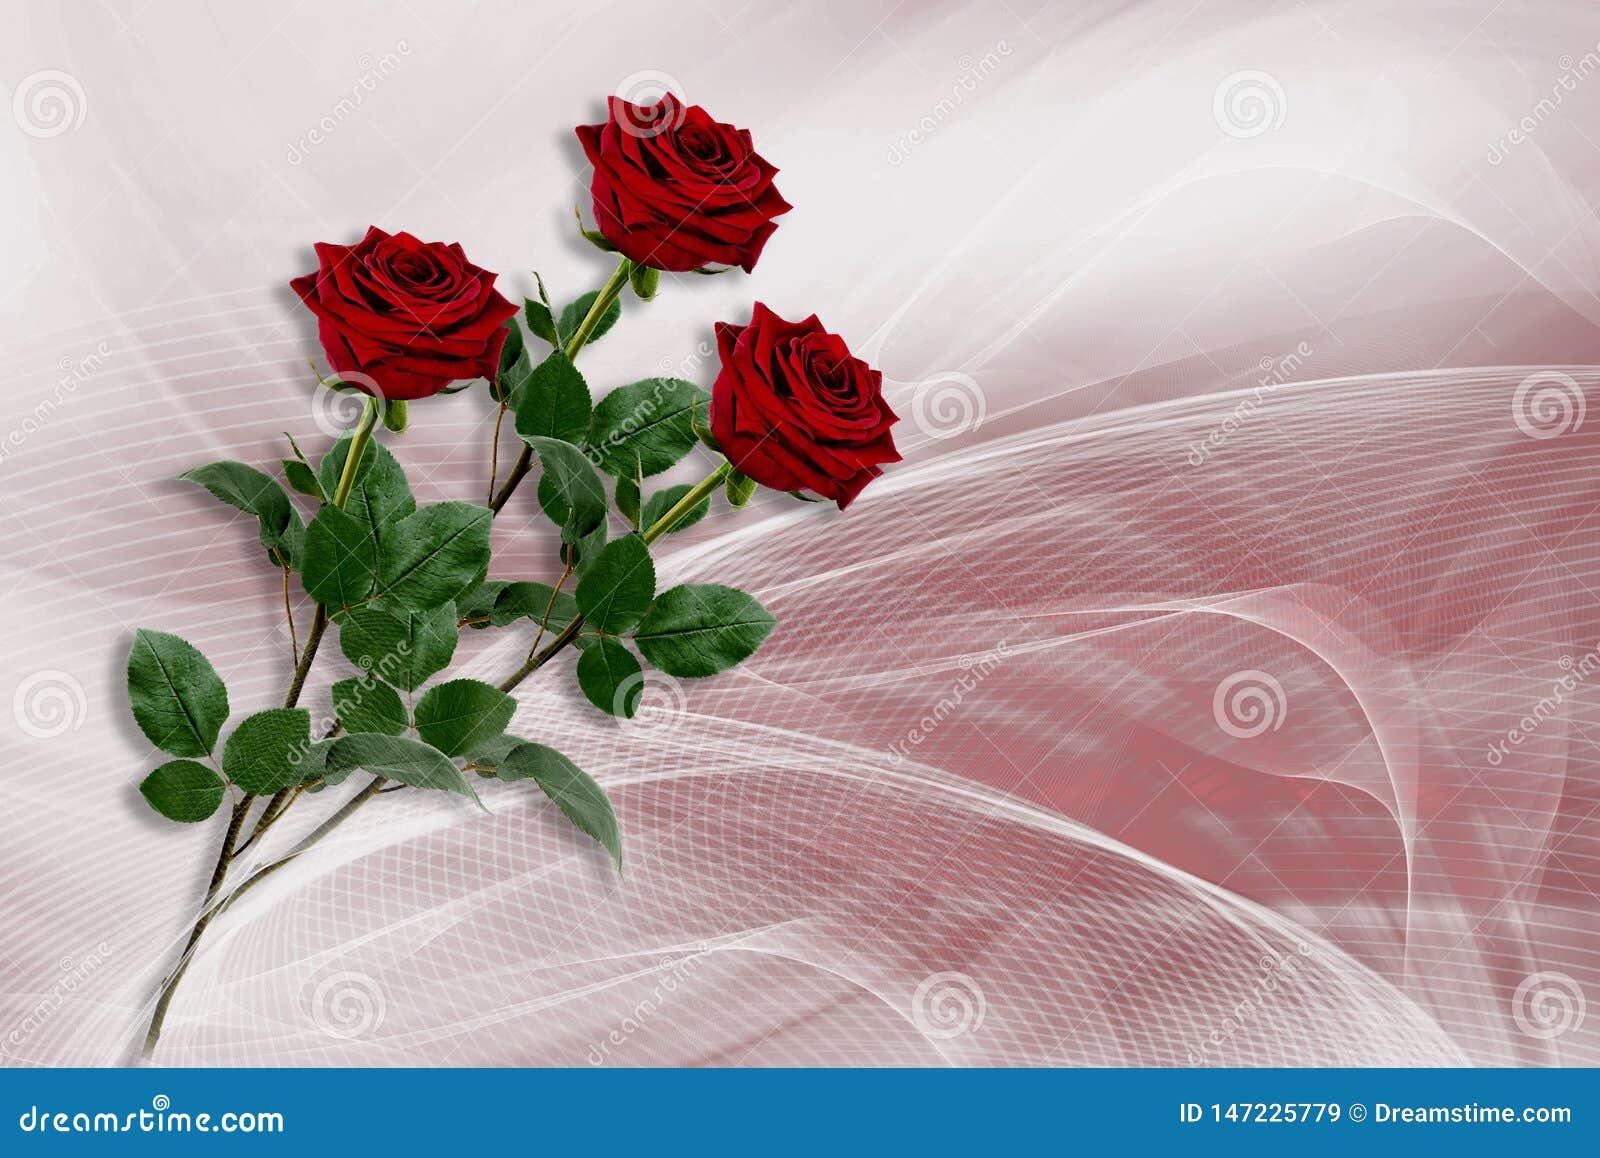 Hintergrund mit drei roten Rosen